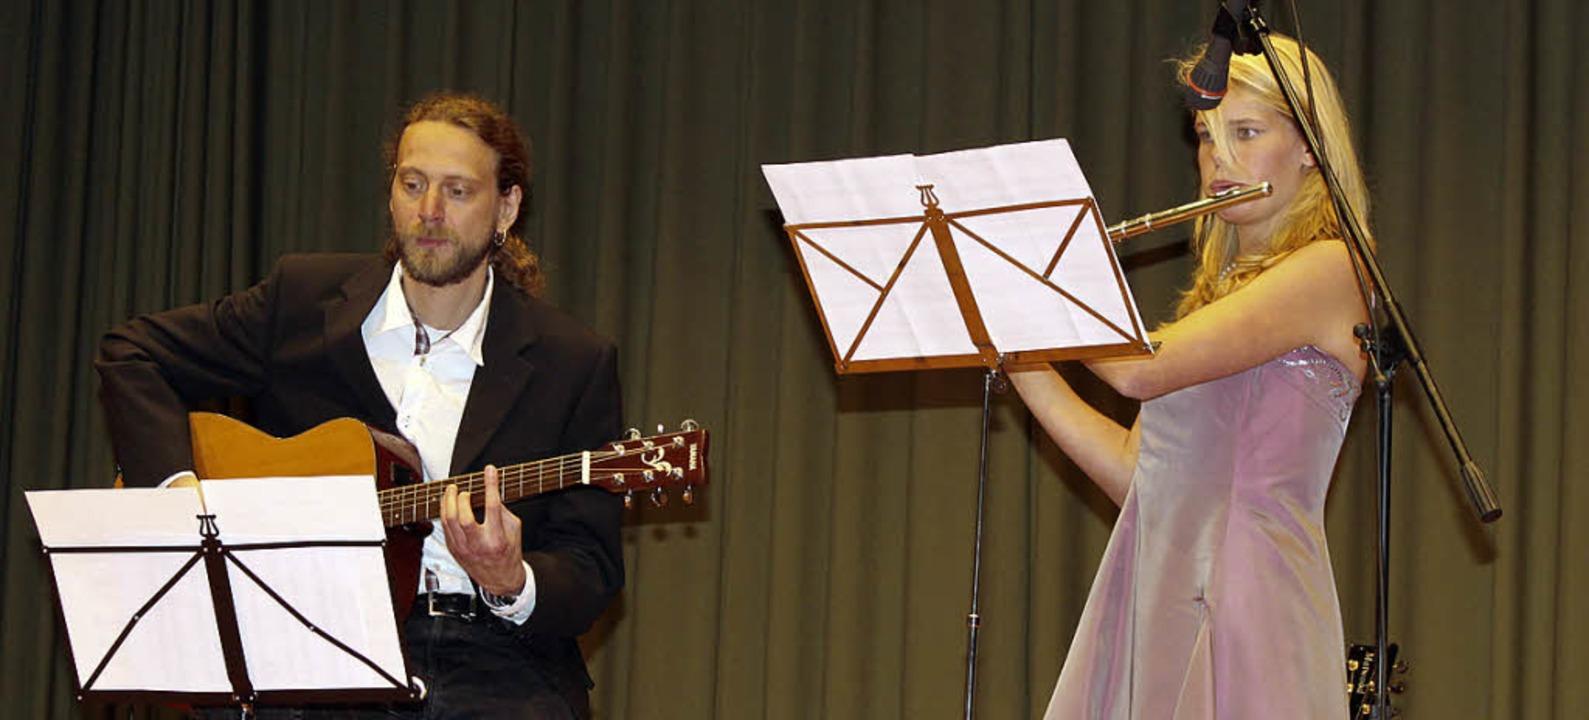 Matthias Veit und Silvia Intlekofer un...ten stilvoll an Gitarre und Querflöte.    Foto: Martha Weishaar